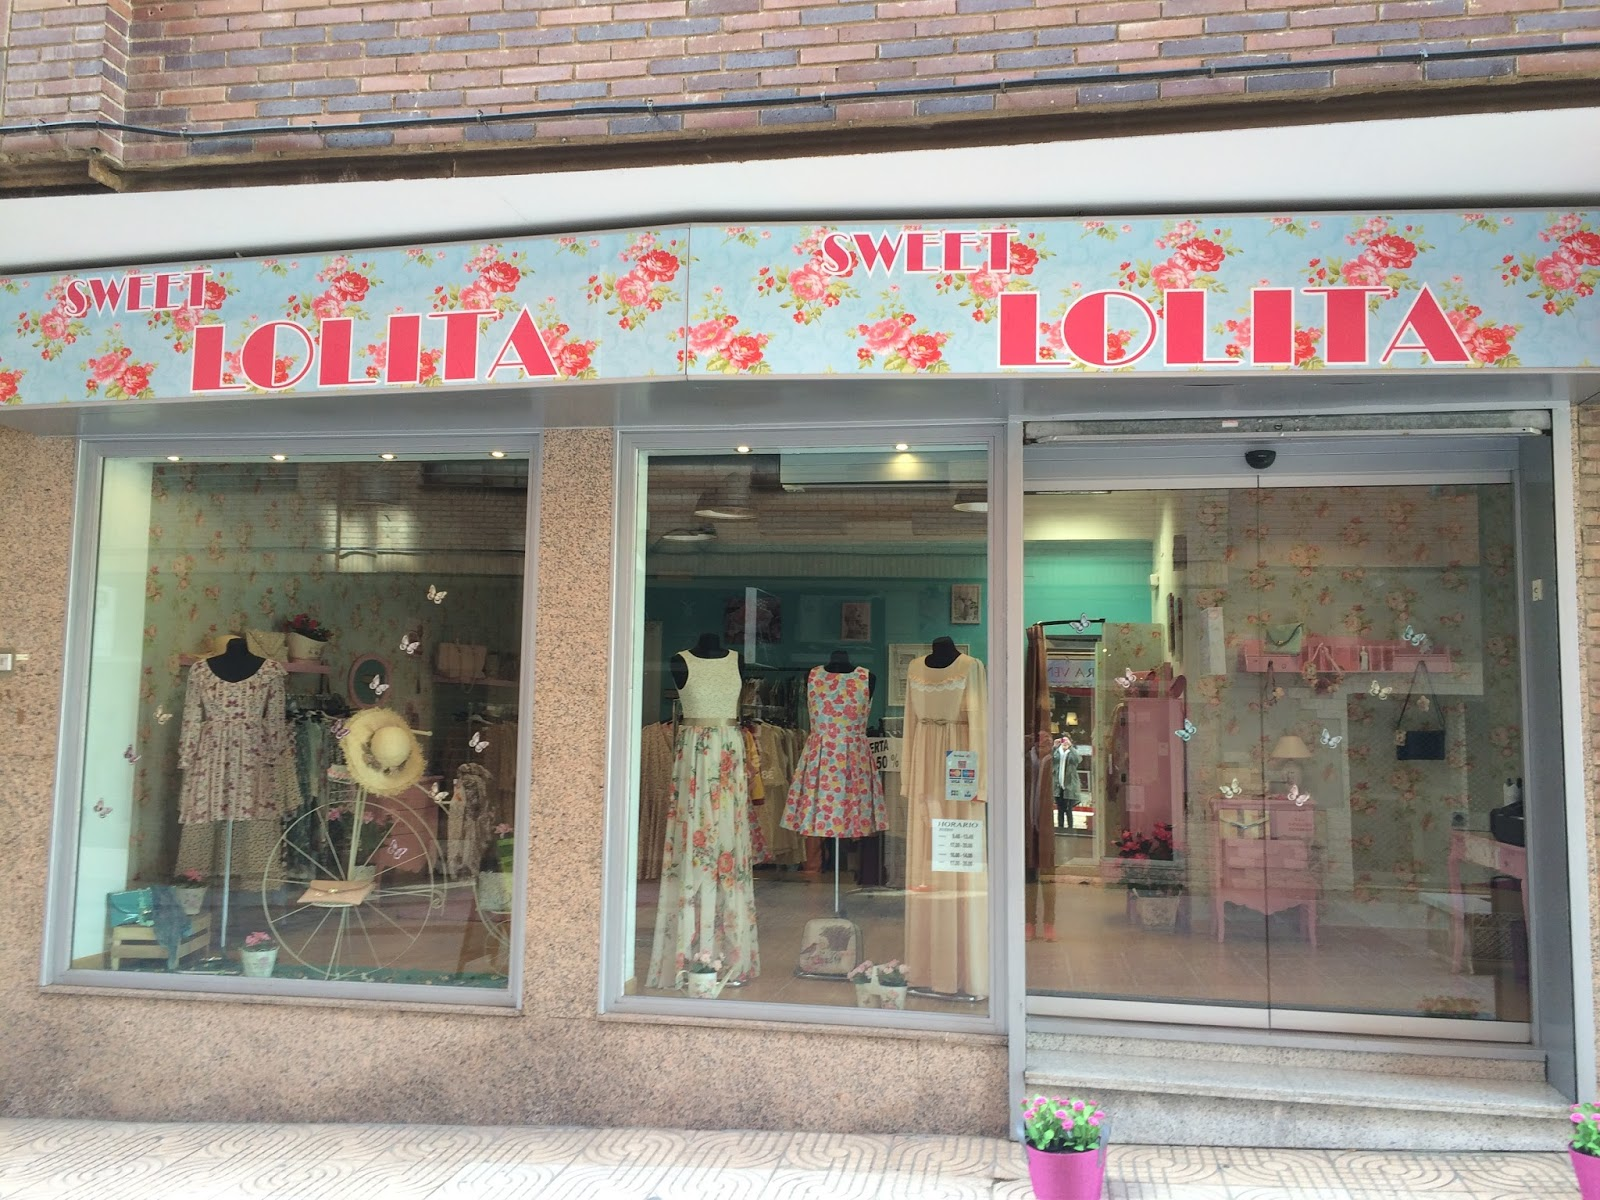 071c26c314e8 Buceando por internet encontré la página de Facebook de Sweet Lolita y no  me decepcionó ni un ápice. La tienda lleva abierta desde el mes de  diciembre en la ...